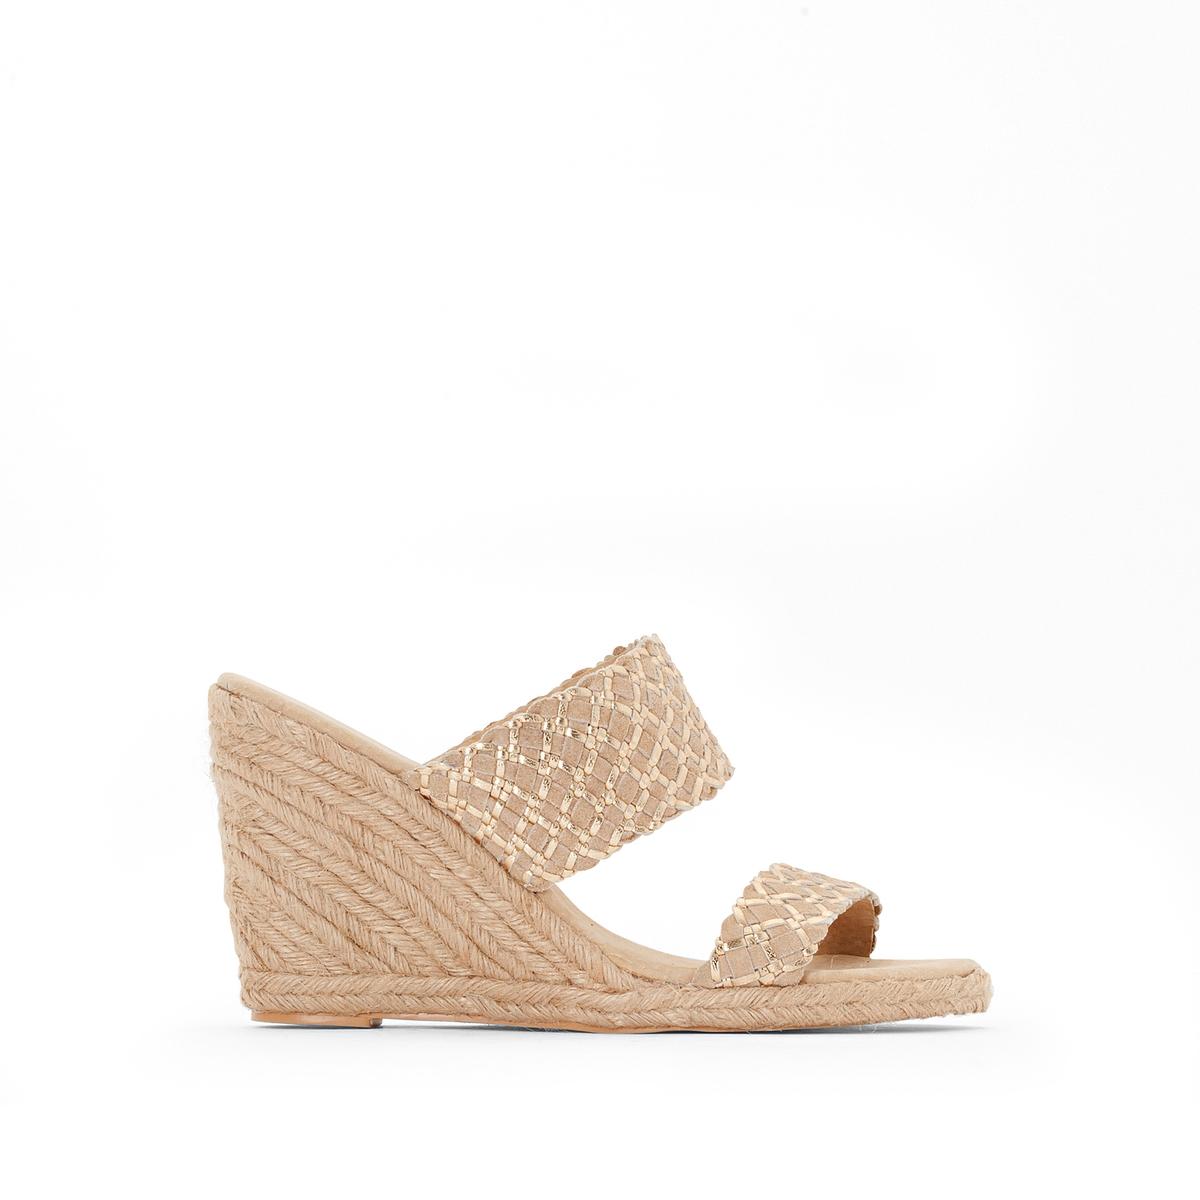 Туфли без задника из невыделанной кожи на веревочной танкеткеОригинальные туфли без задника Anne Weyburn. Танкетка из веревки.Верх : невыделанная кожа.Подкладка : кожа.Стелька : Кожа на подкладке из пеноматериала.Подошва : эластомер.Высота каблука : 8 см.<br><br>Цвет: бежевый<br>Размер: 41